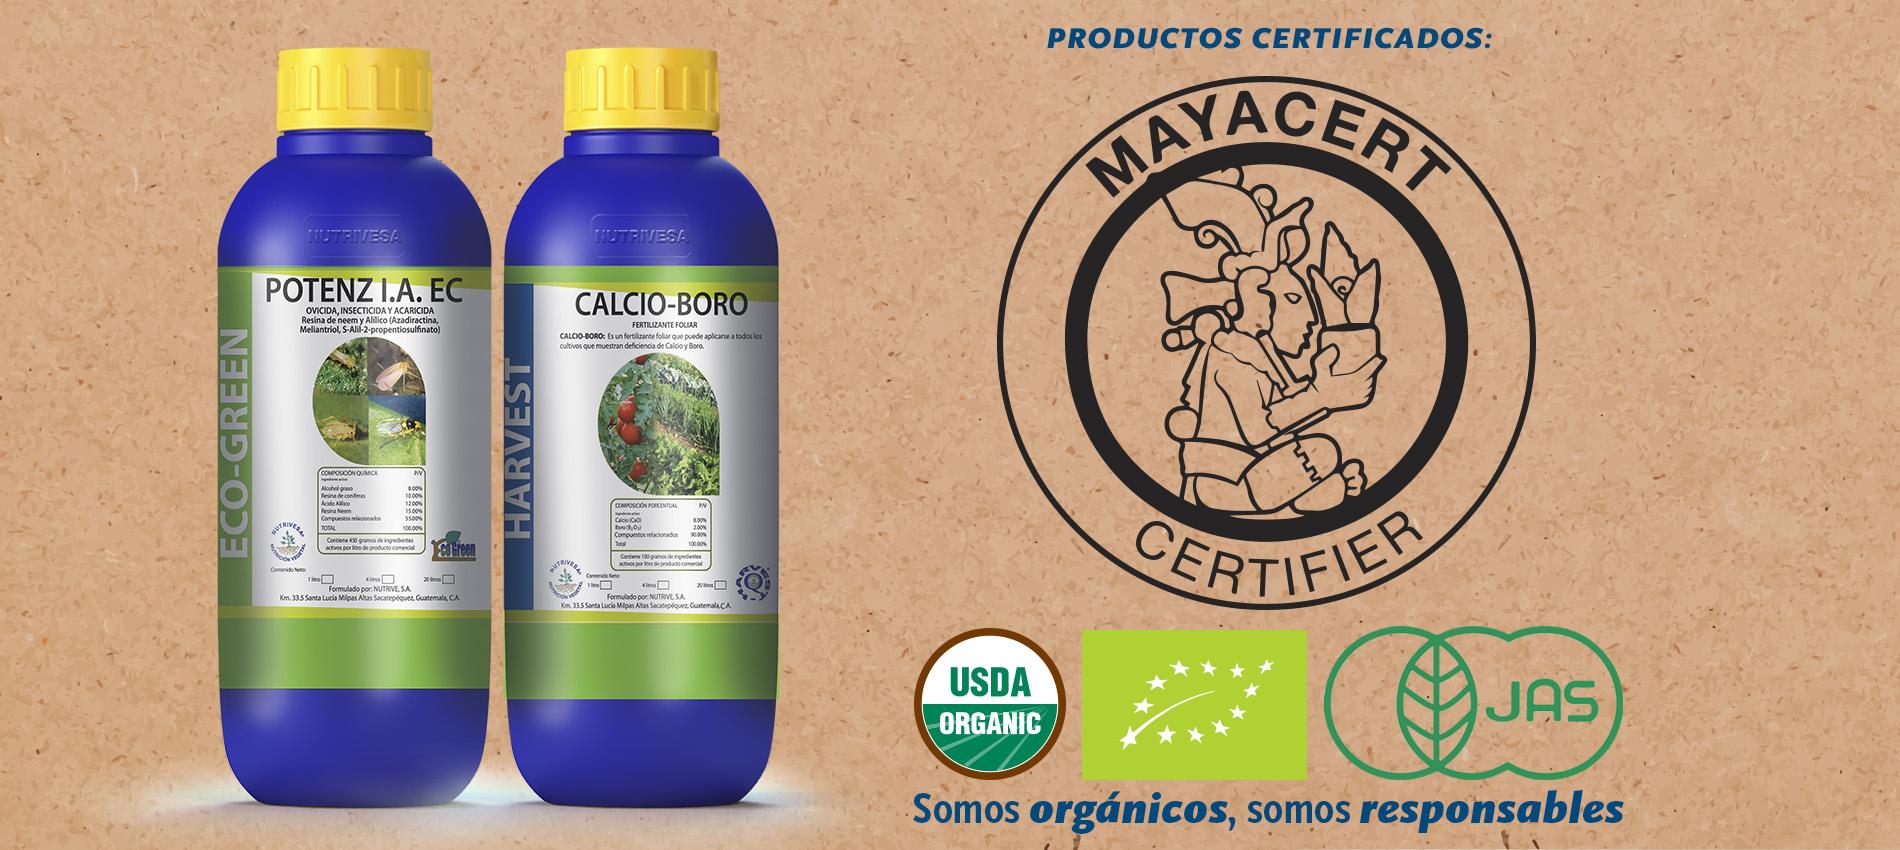 MAYACERT -PRODUCTOS CERTIFICADOS | Nutrivesa